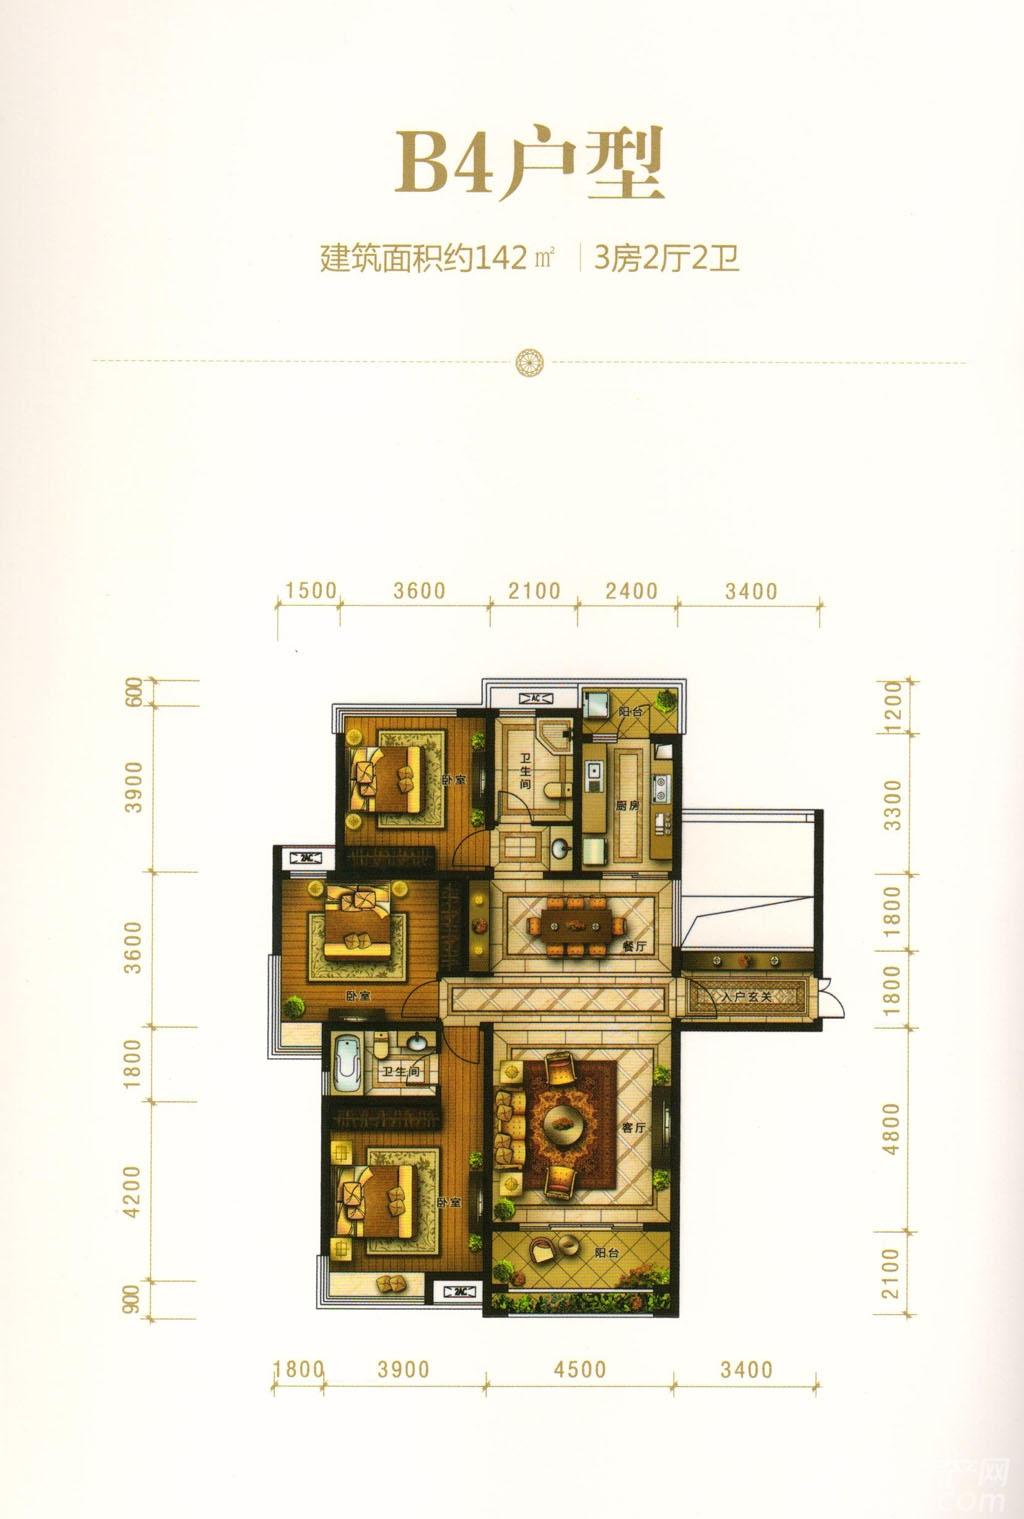 华强广场B4户型3室2厅142平米